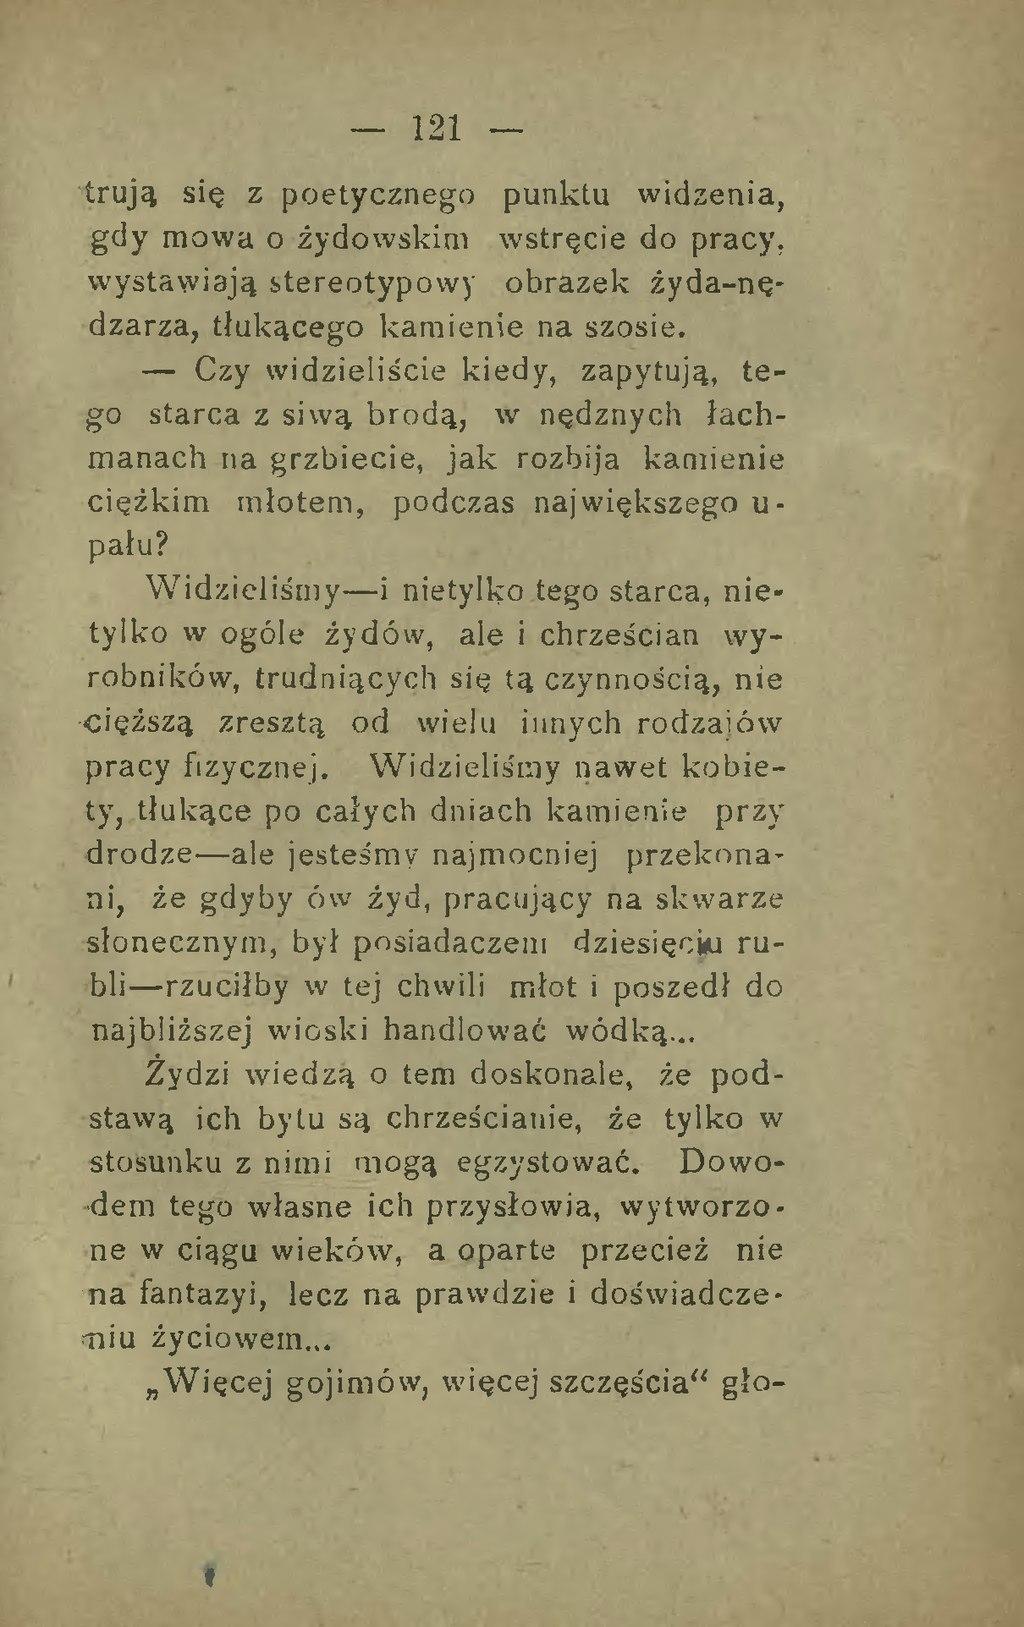 Stronaklemens Junosza Nasi żydzidjvu129 Wikiźródła